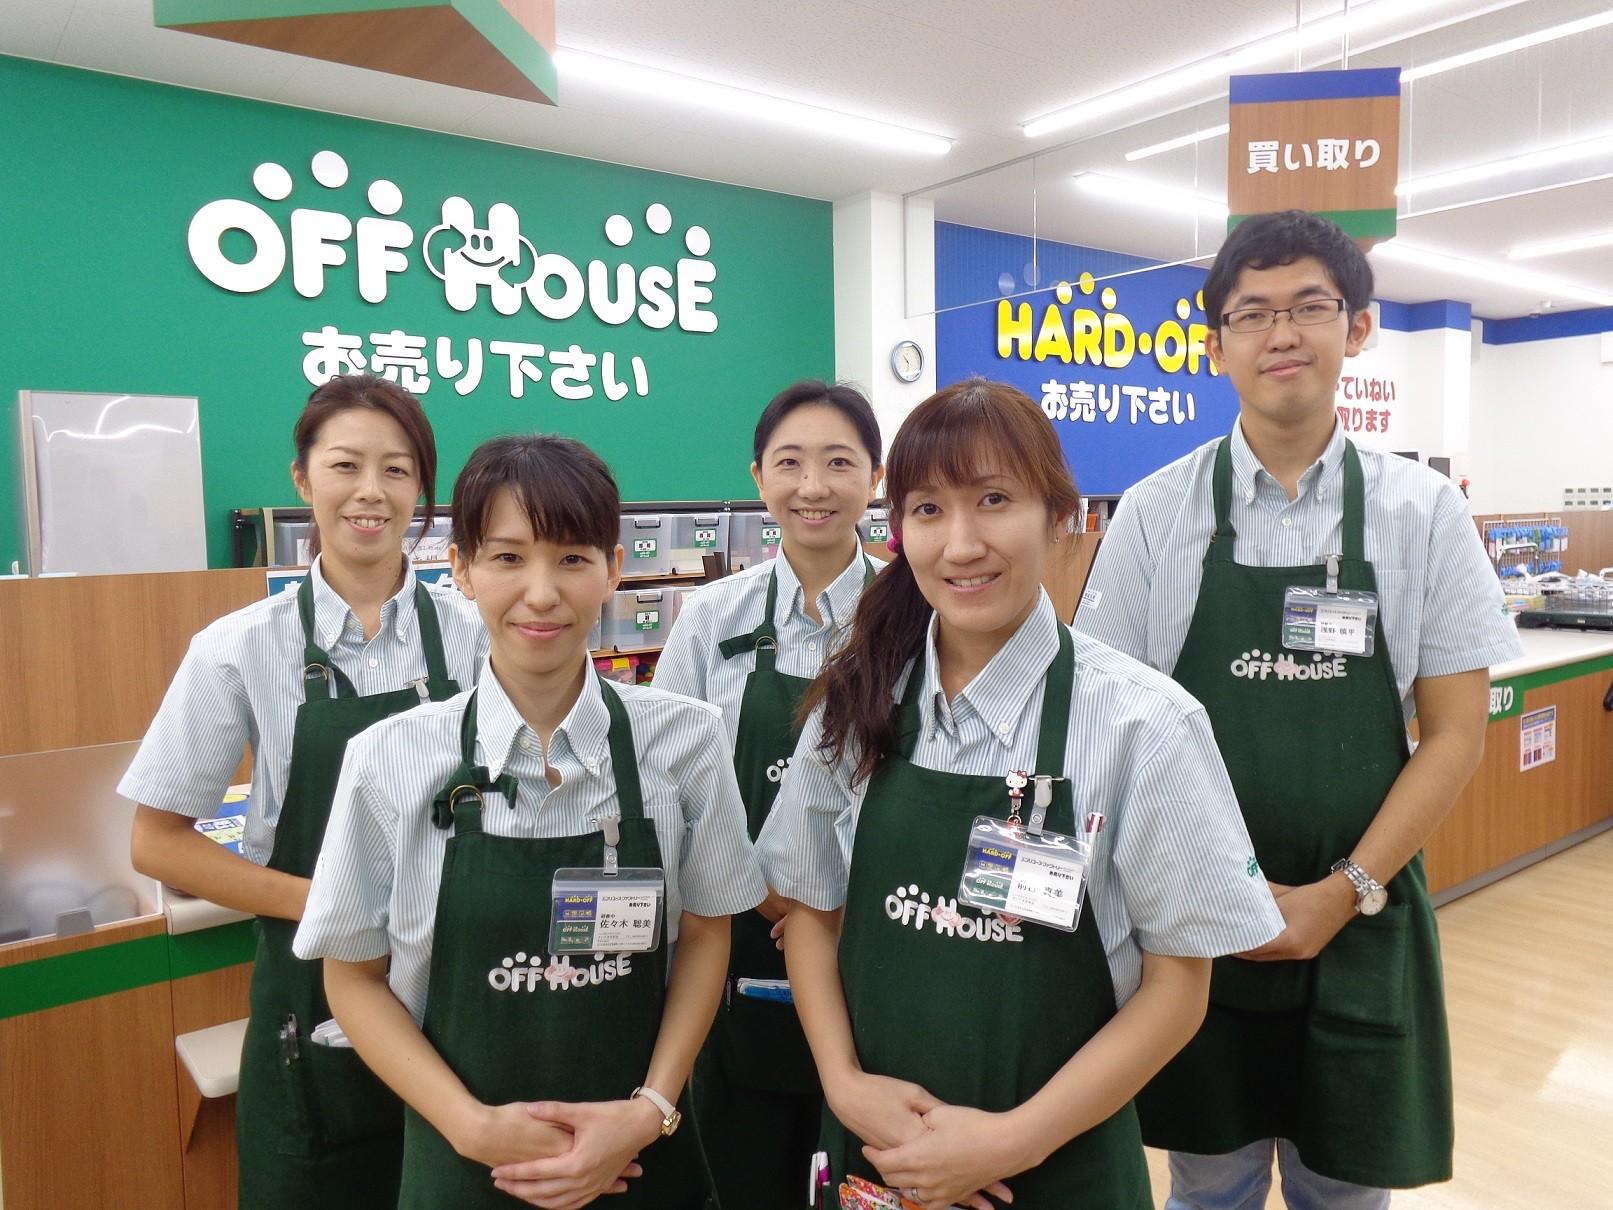 ハードオフ・オフハウス 杉戸店 のアルバイト情報